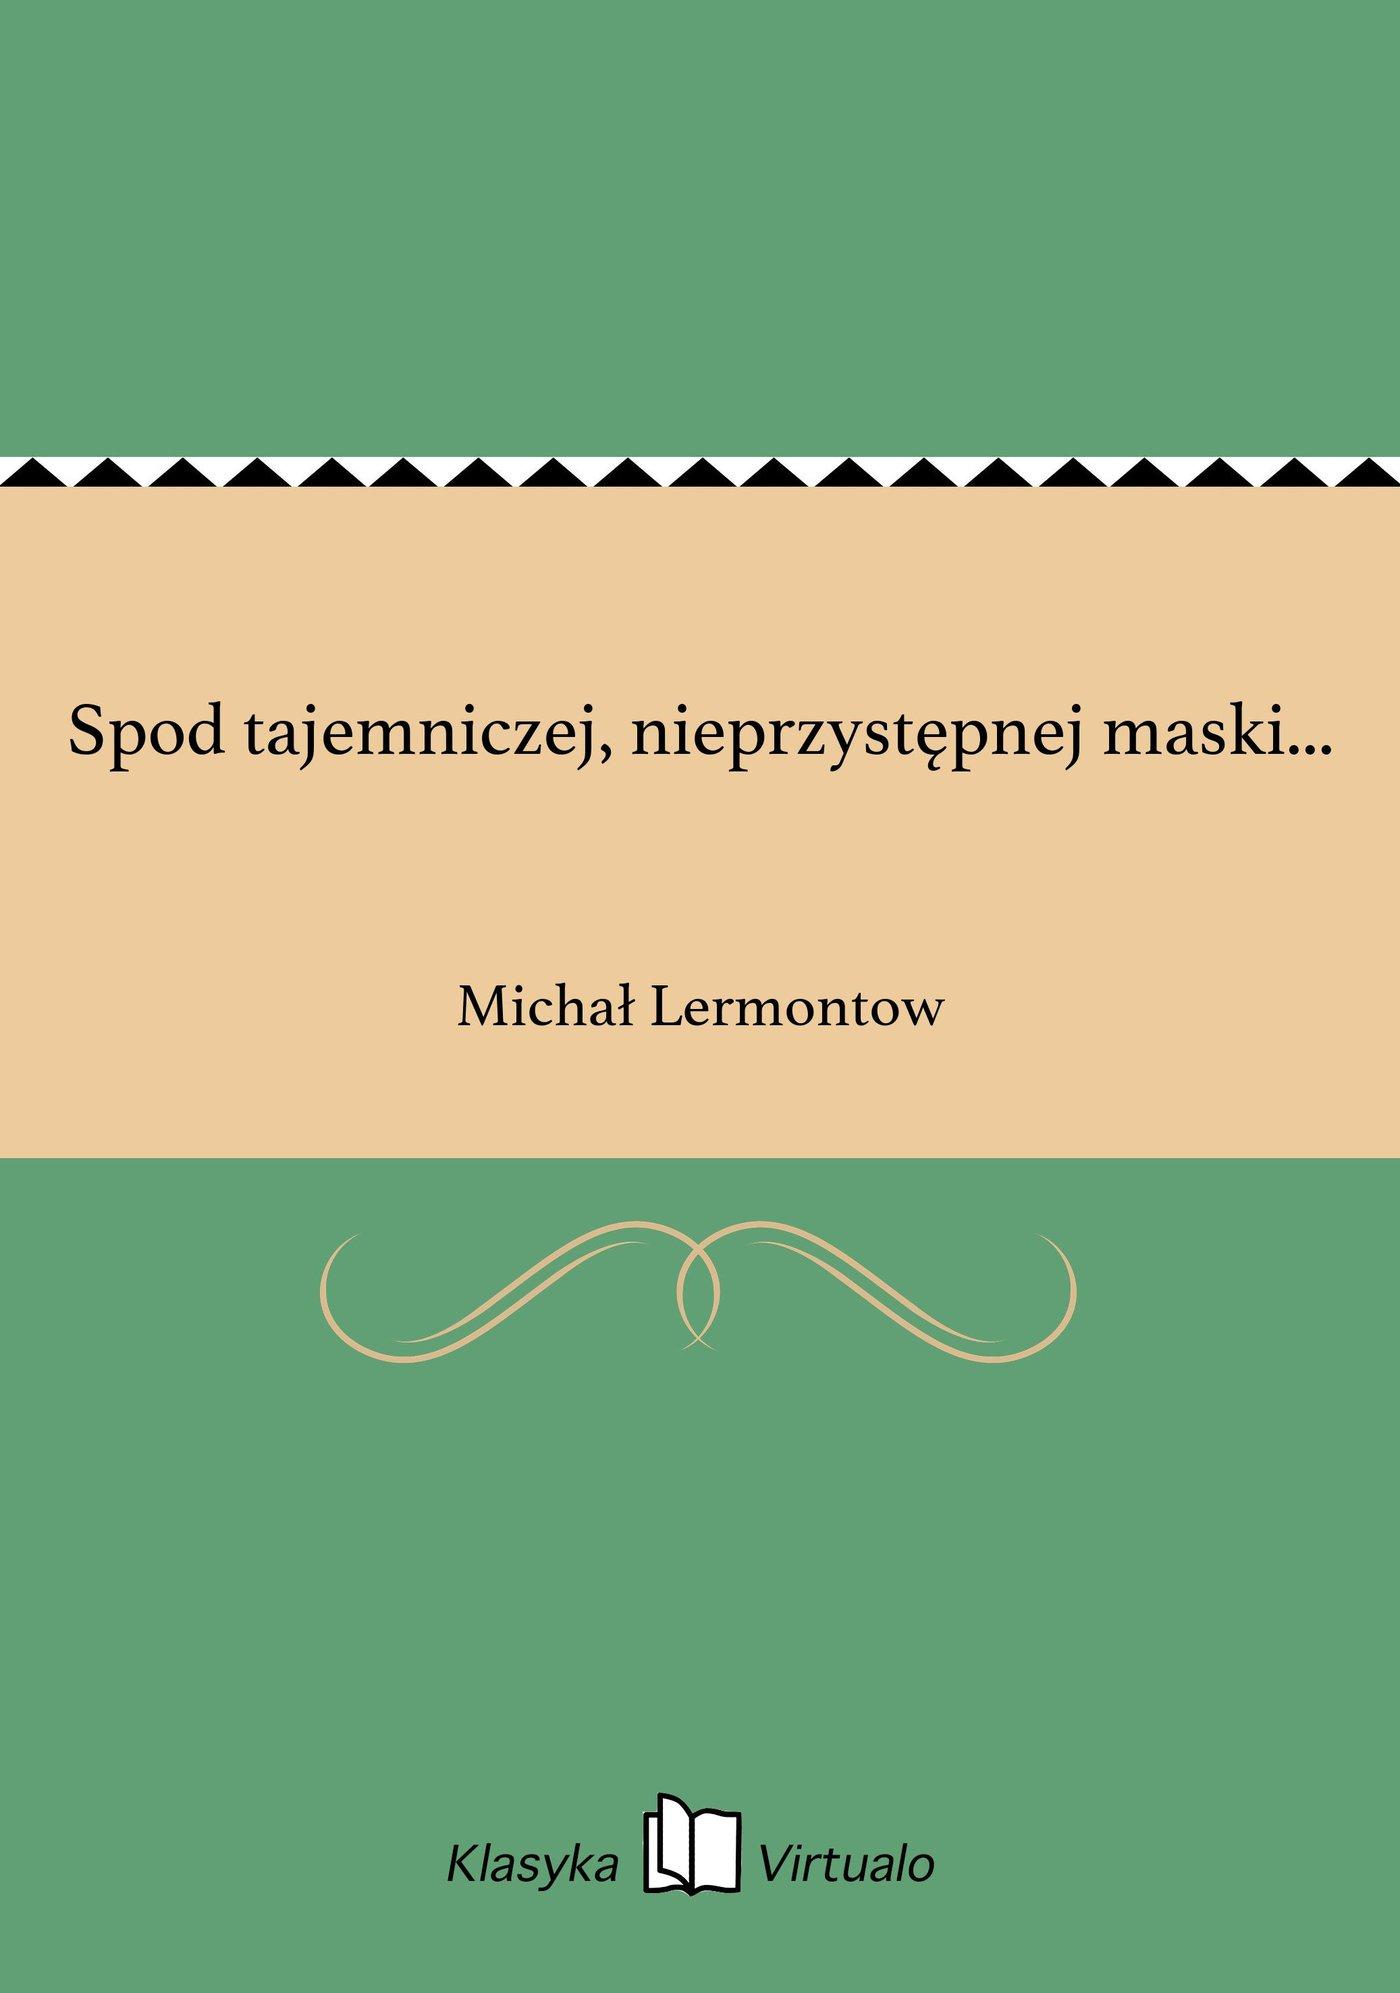 Spod tajemniczej, nieprzystępnej maski... - Ebook (Książka EPUB) do pobrania w formacie EPUB